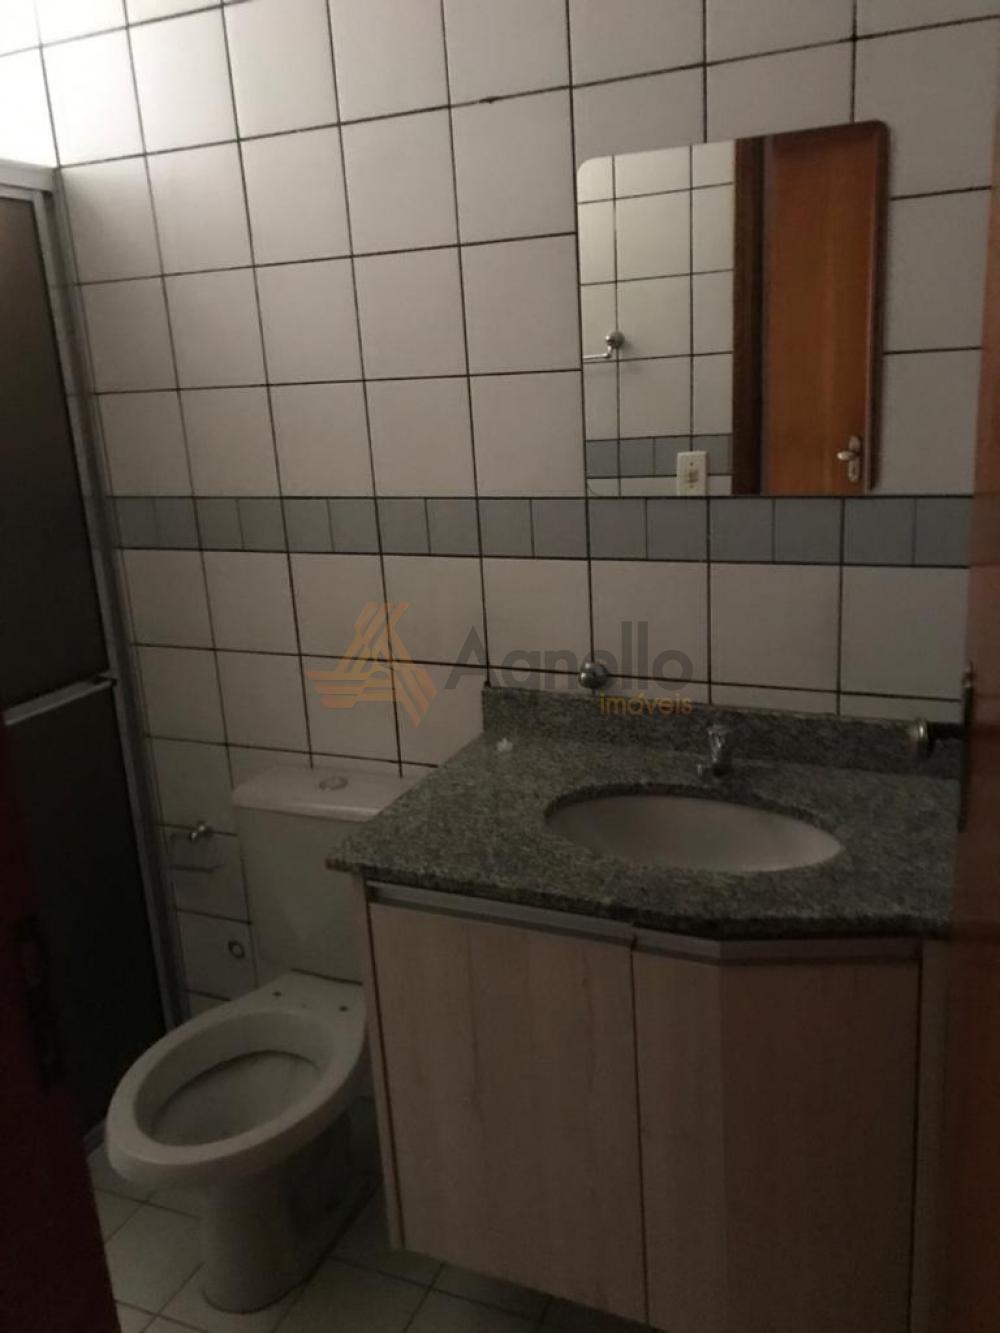 Comprar Apartamento / Padrão em Franca apenas R$ 250.000,00 - Foto 10